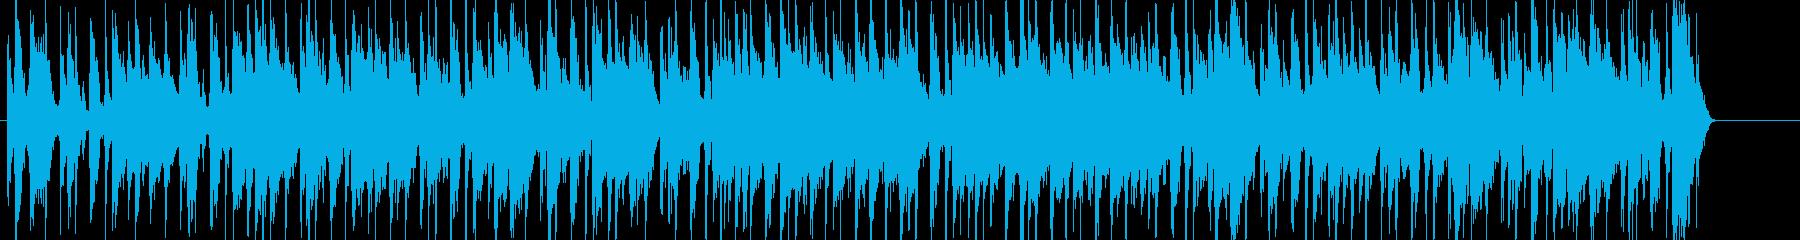 ワイルドで粗い感じのロックの再生済みの波形